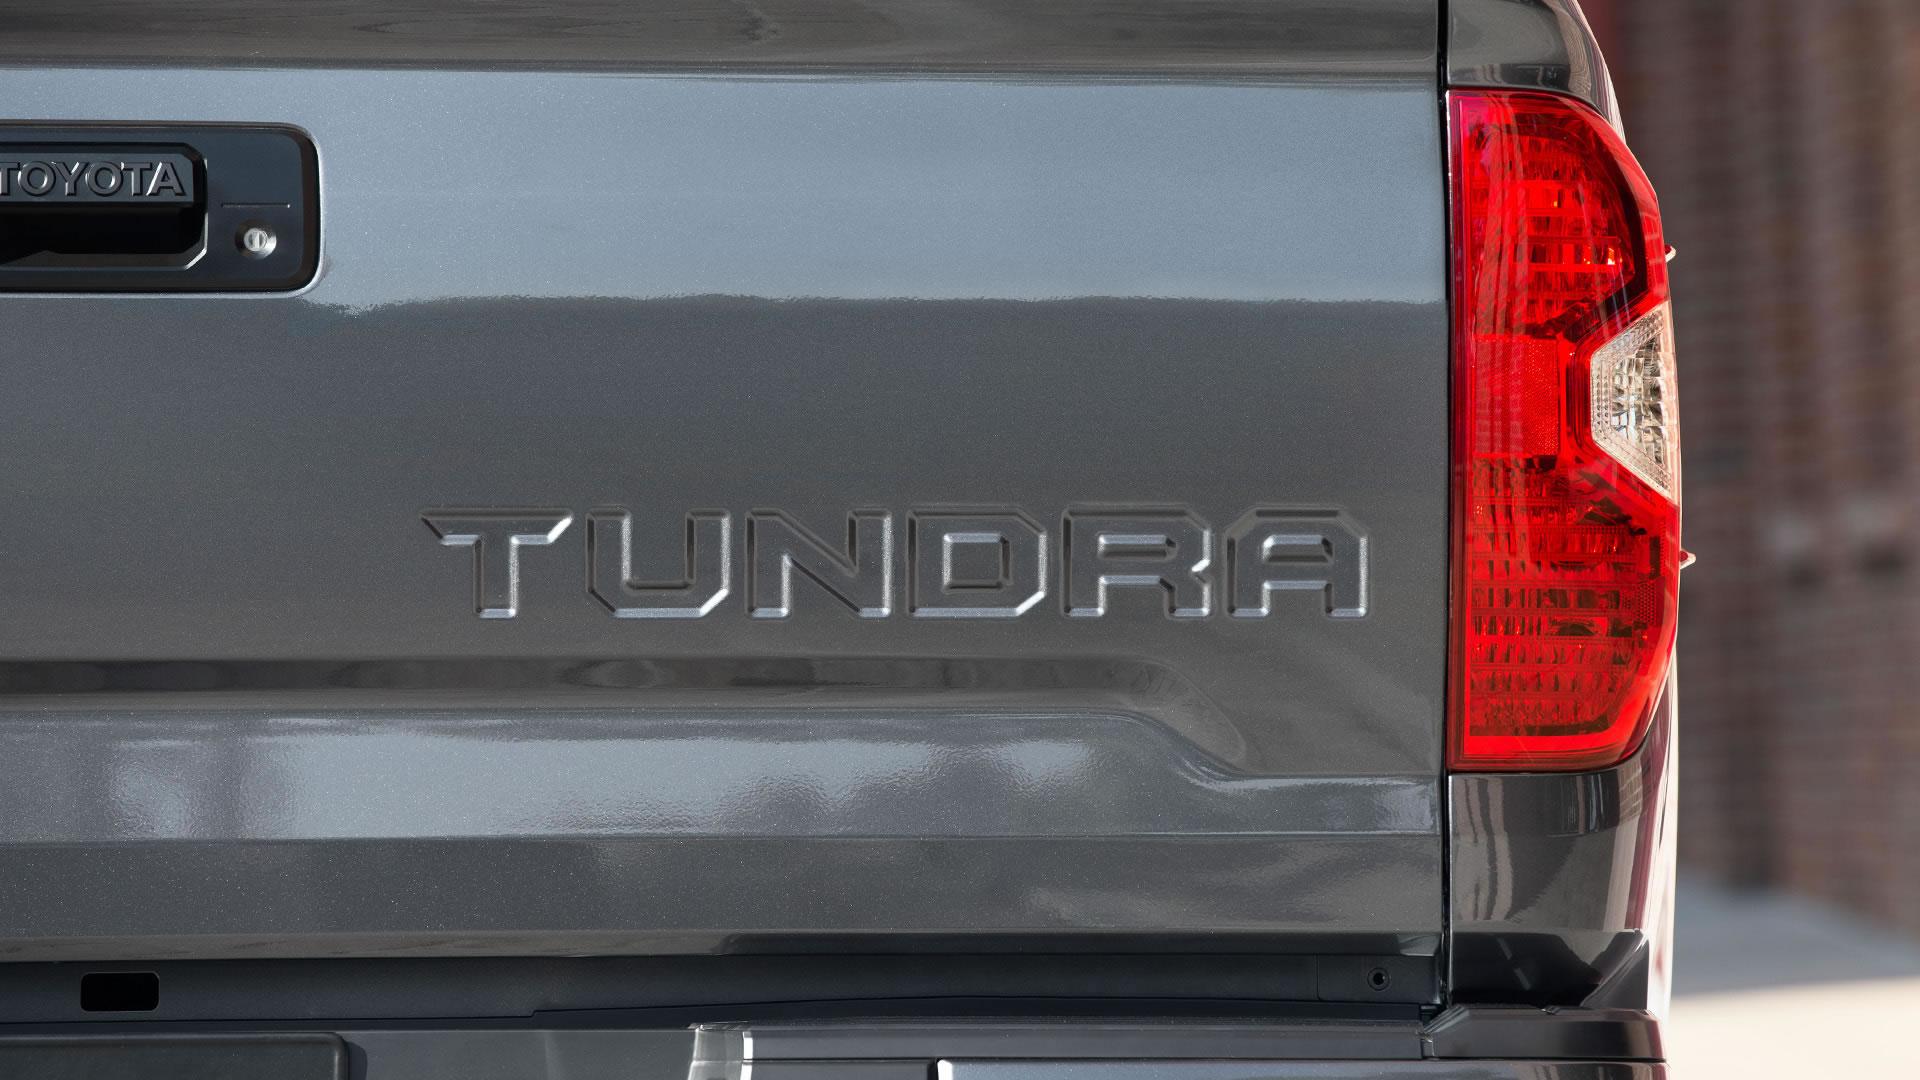 2016 Toyota Tundra Styling